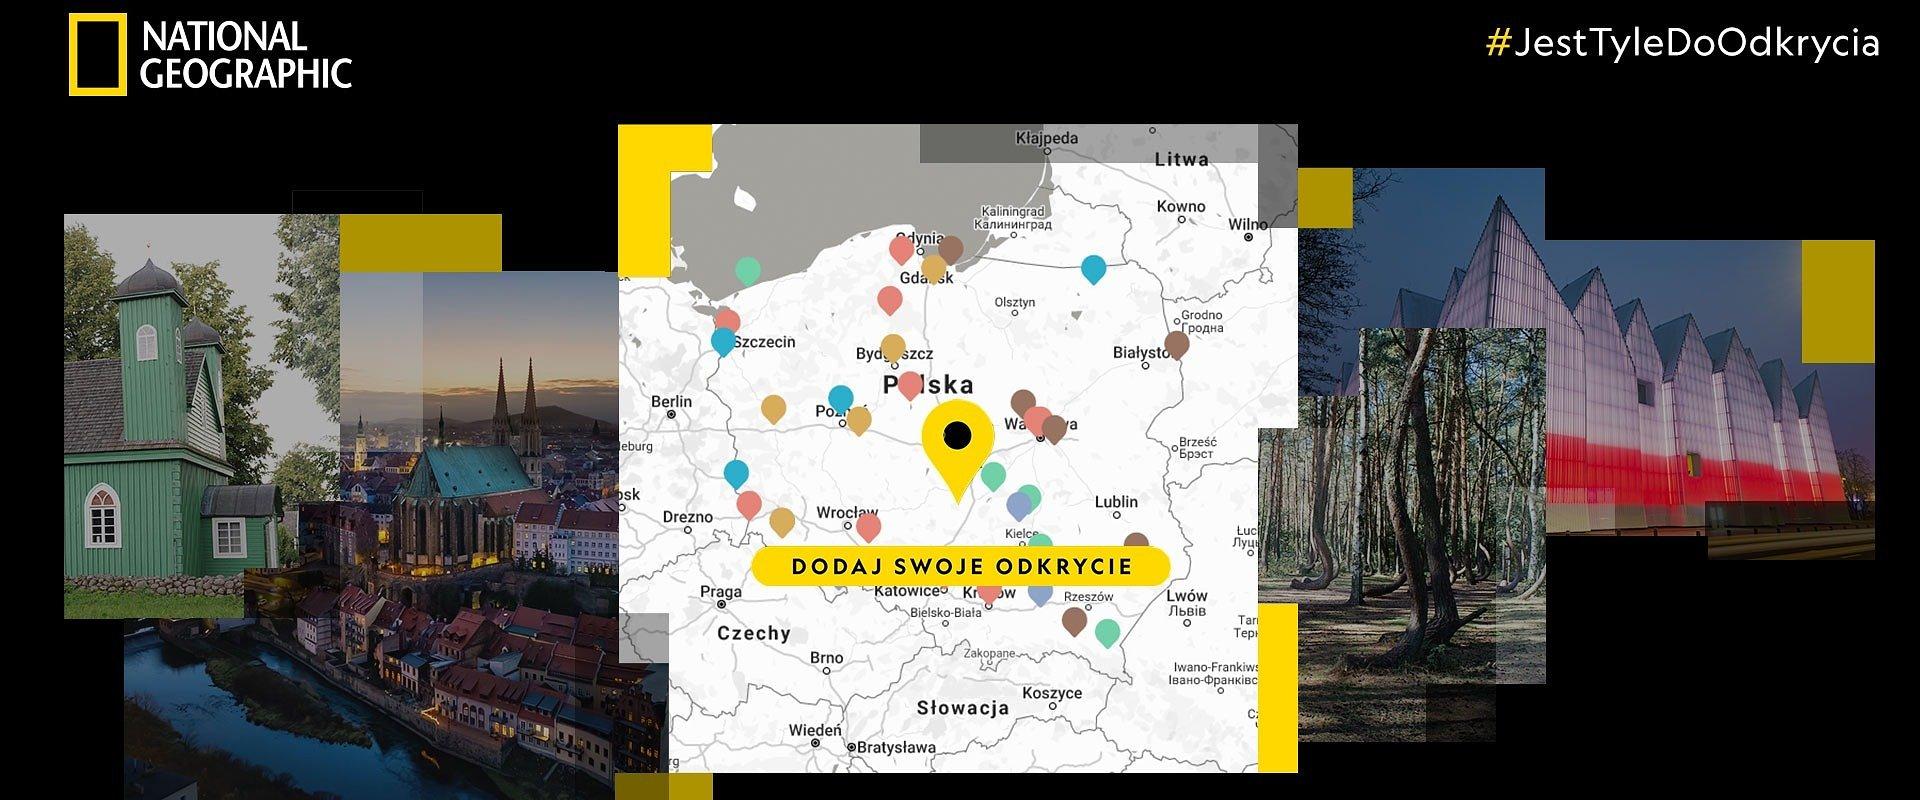 #JestTyleDoOdkrycia – rusza kampania National Geographic